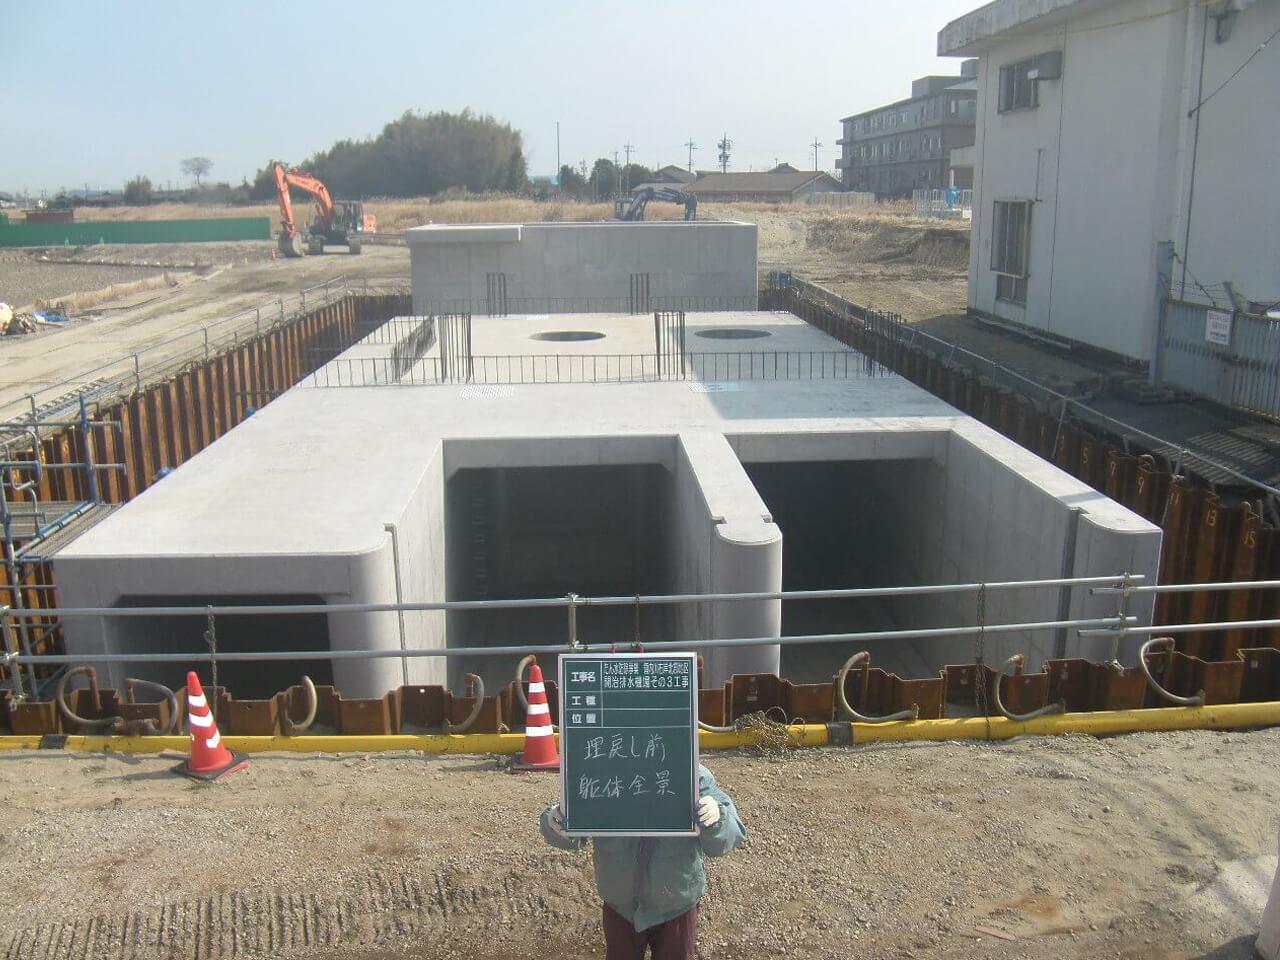 たん水防除事業 領内川右岸北部地区 開治排水機場その3工事